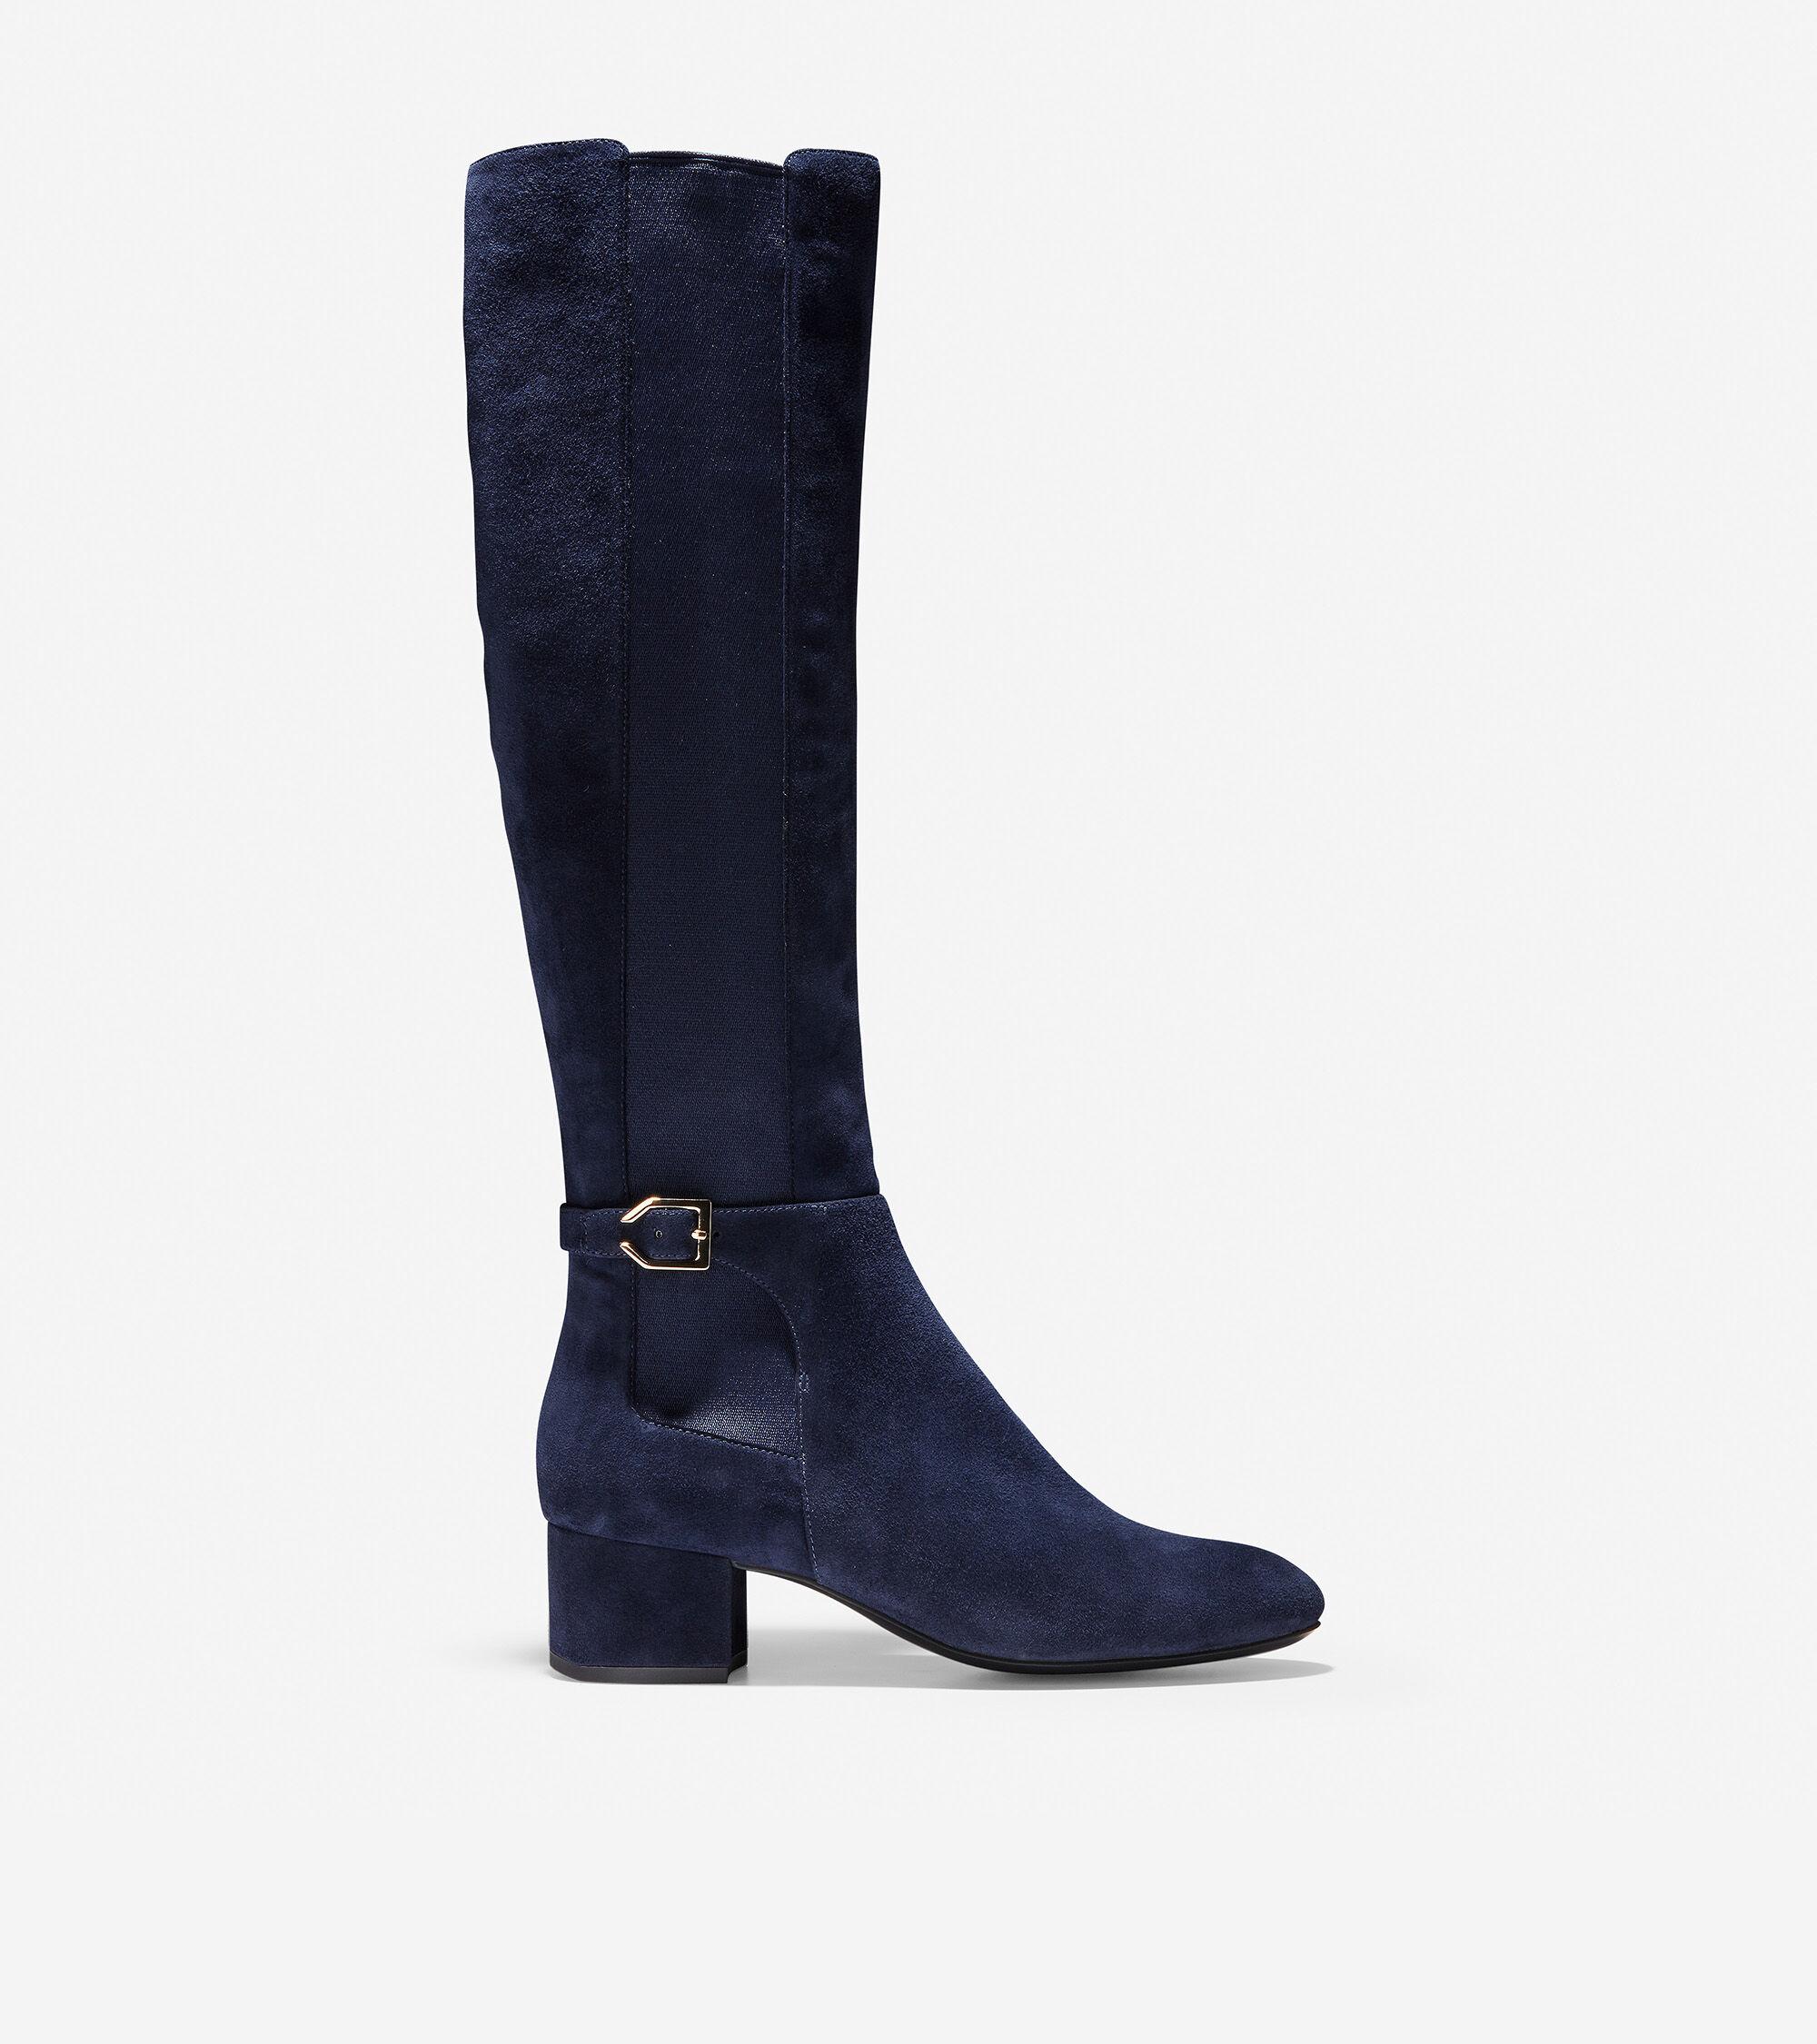 096cb33e7eb Women s Avani Stretch Boots in Marine Blue Suede